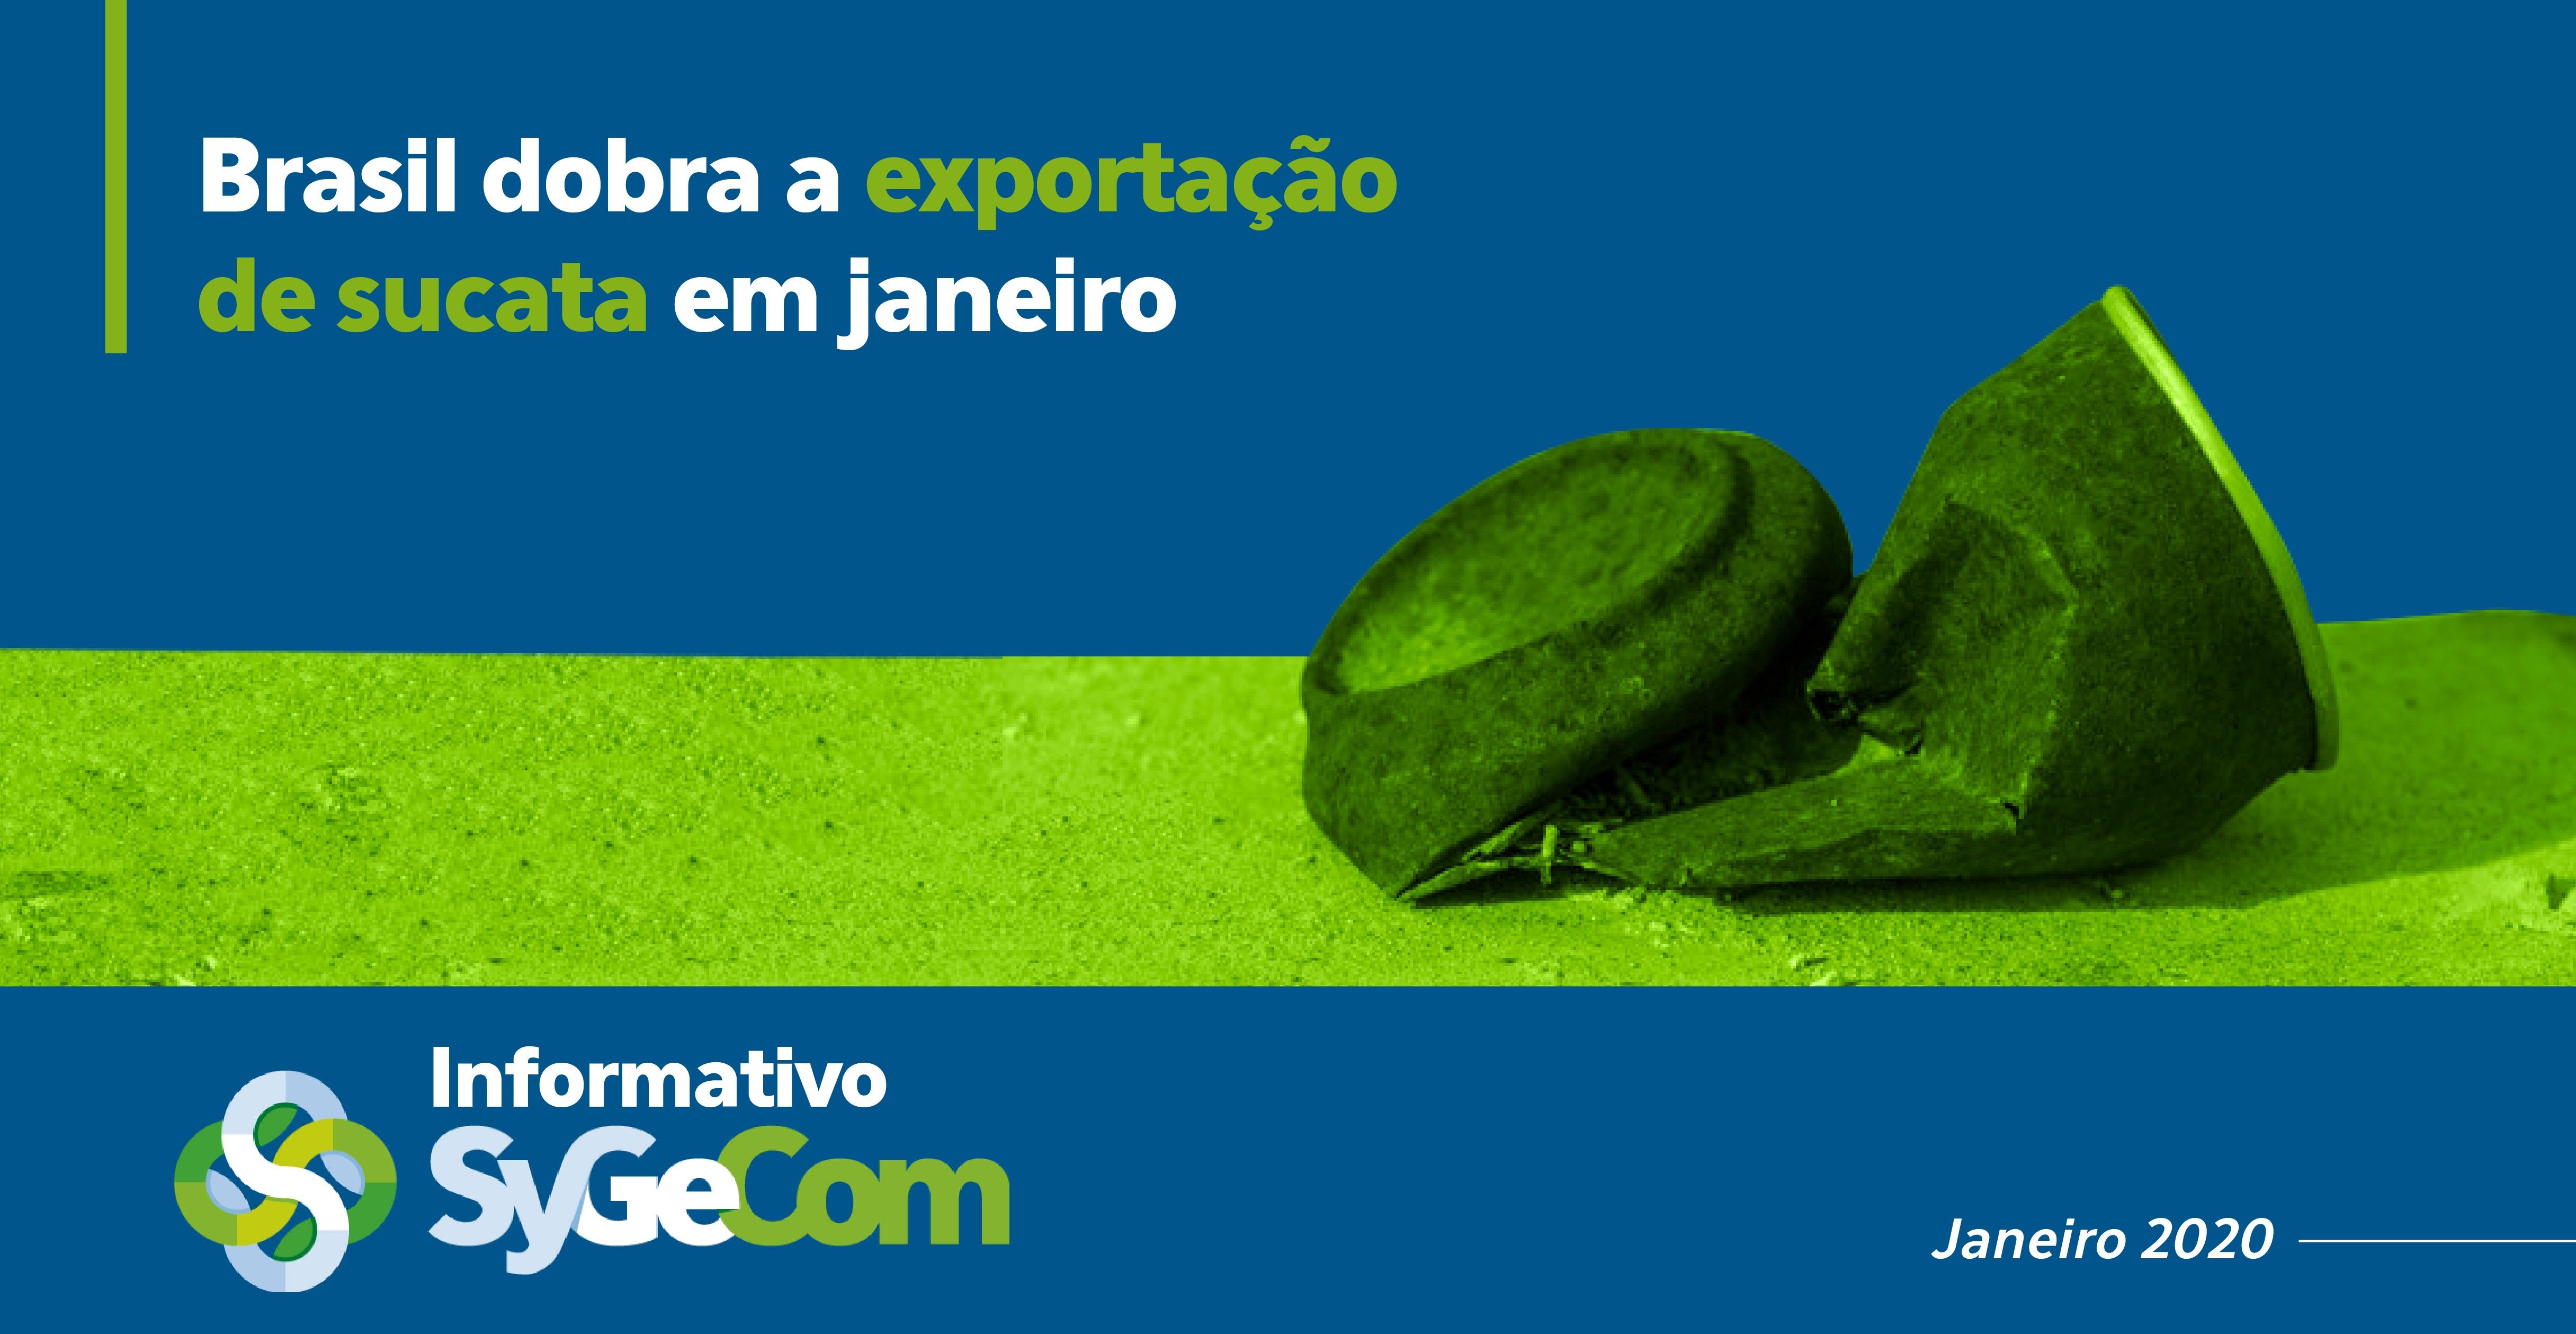 Brasil dobra a exportação de sucata em janeiro